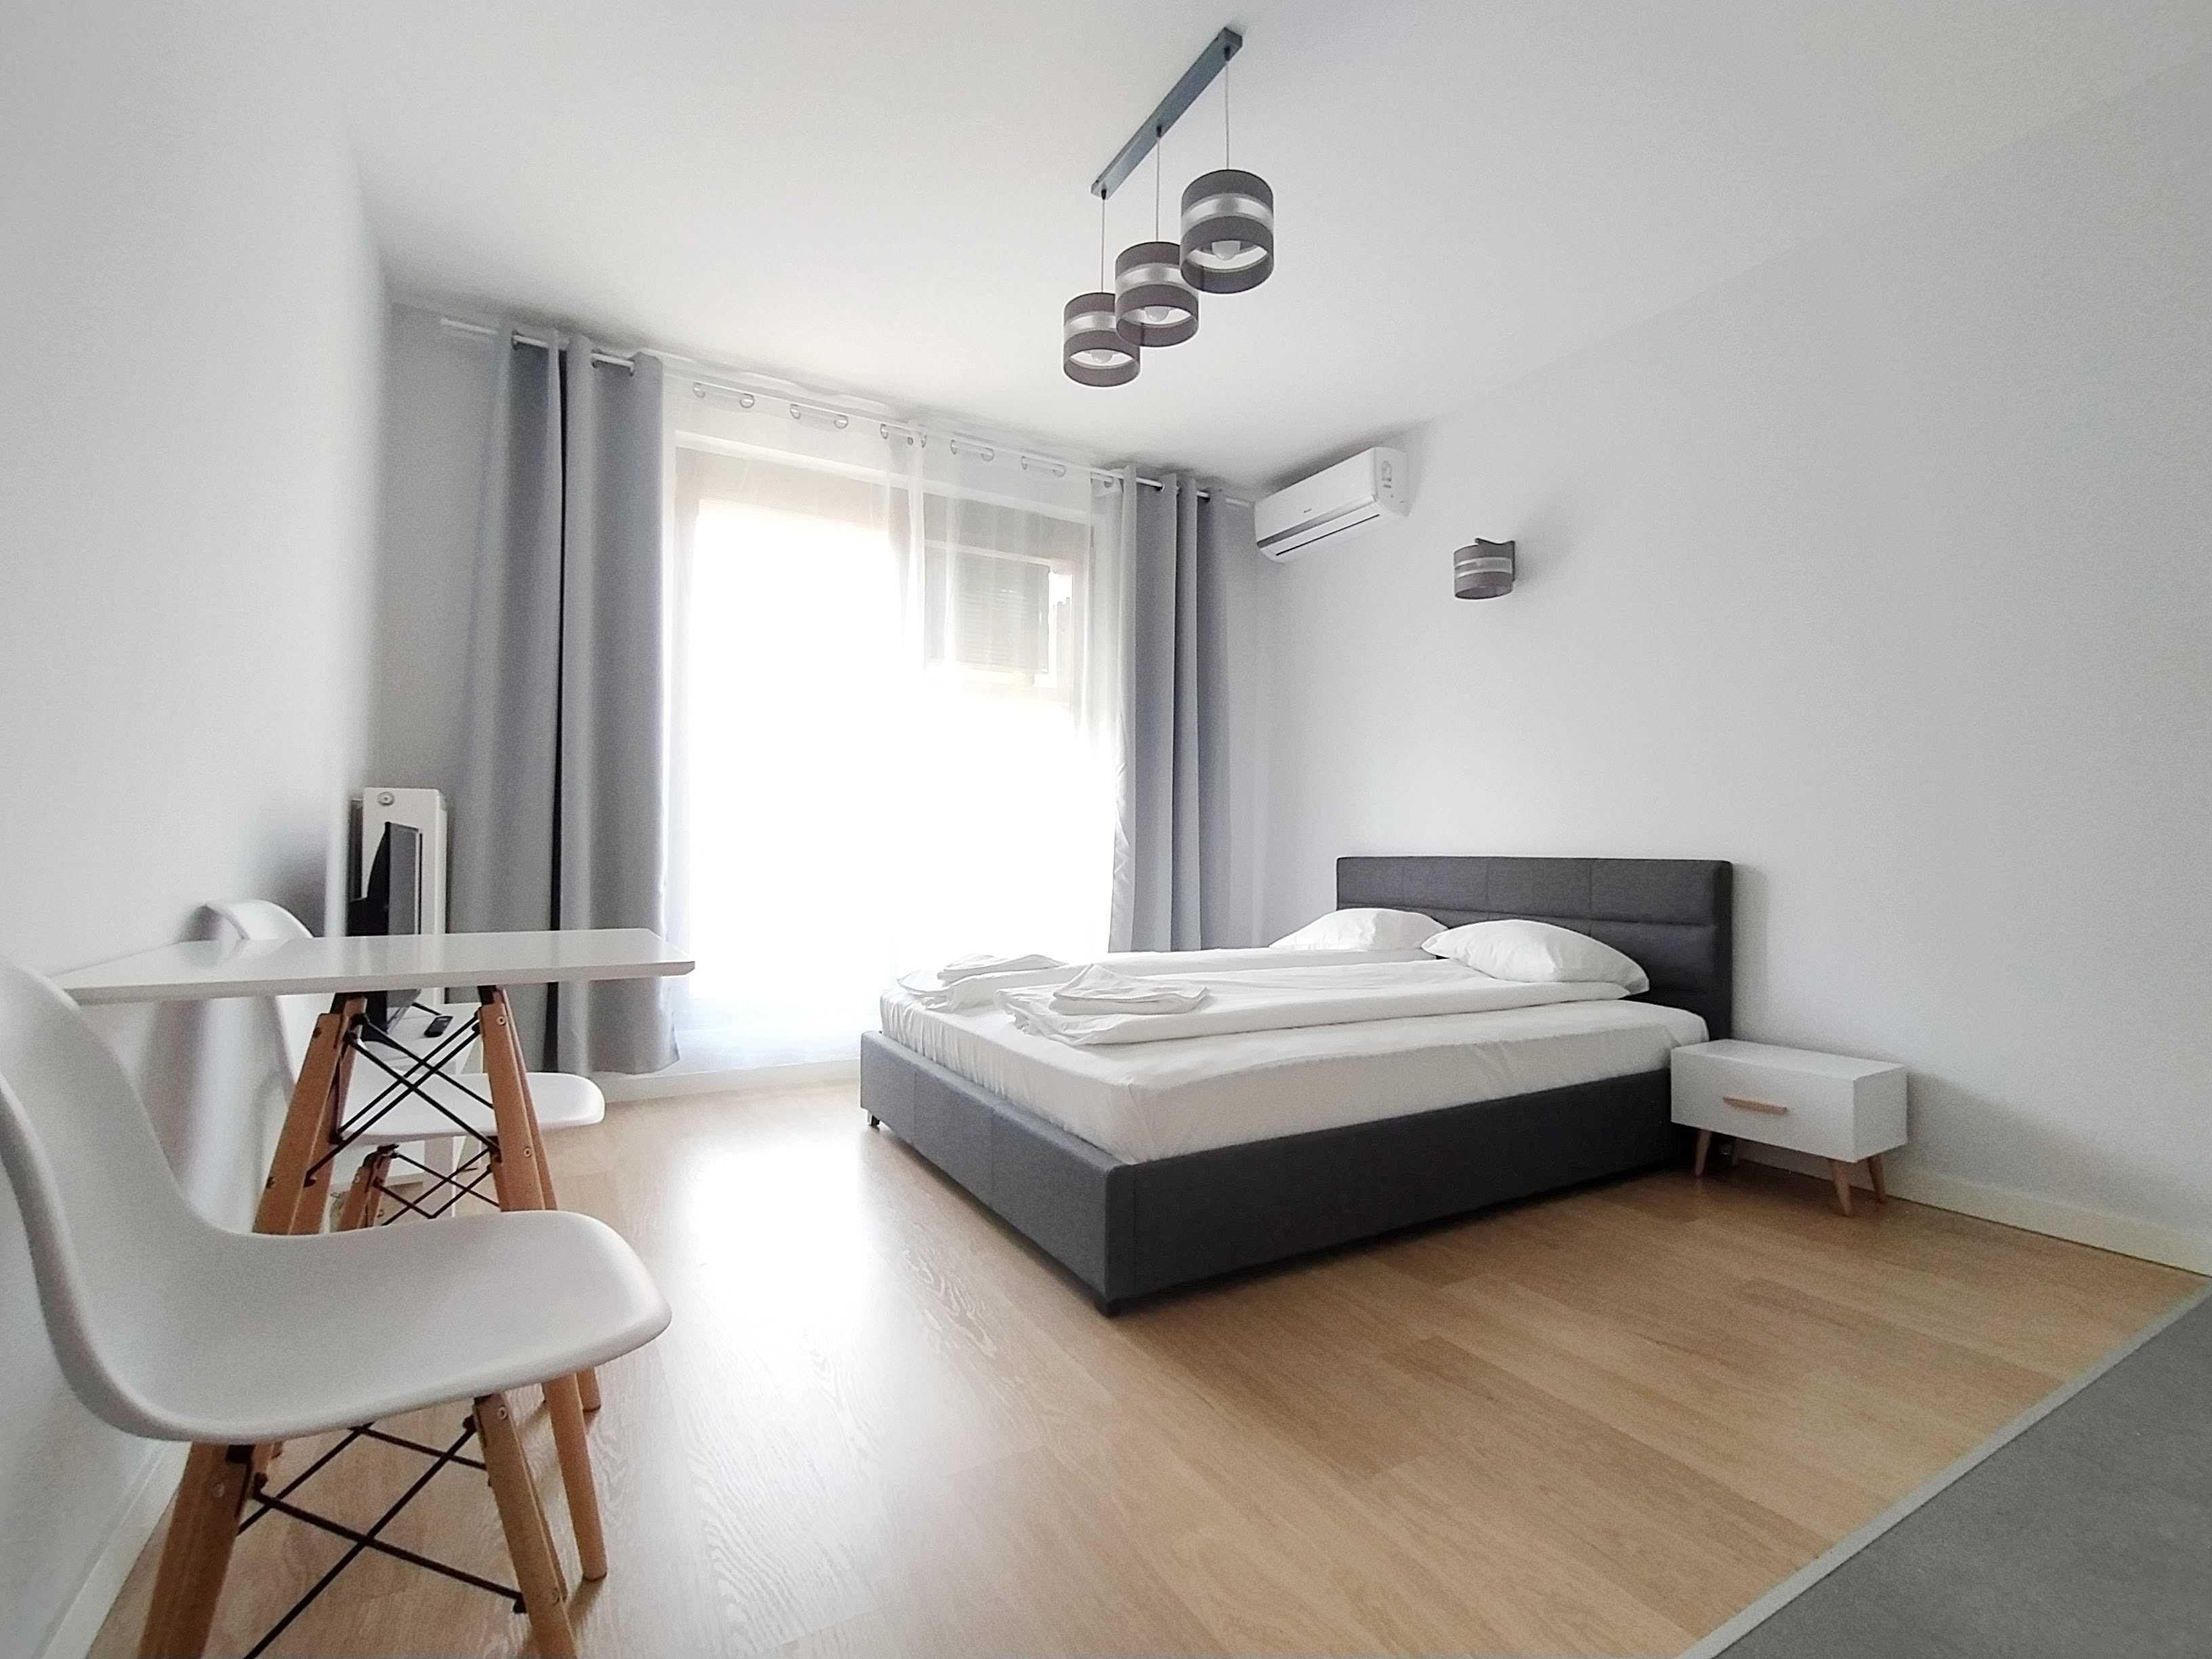 Apartament z parkingiem, śniadanie, faktura, od 150 za dobę